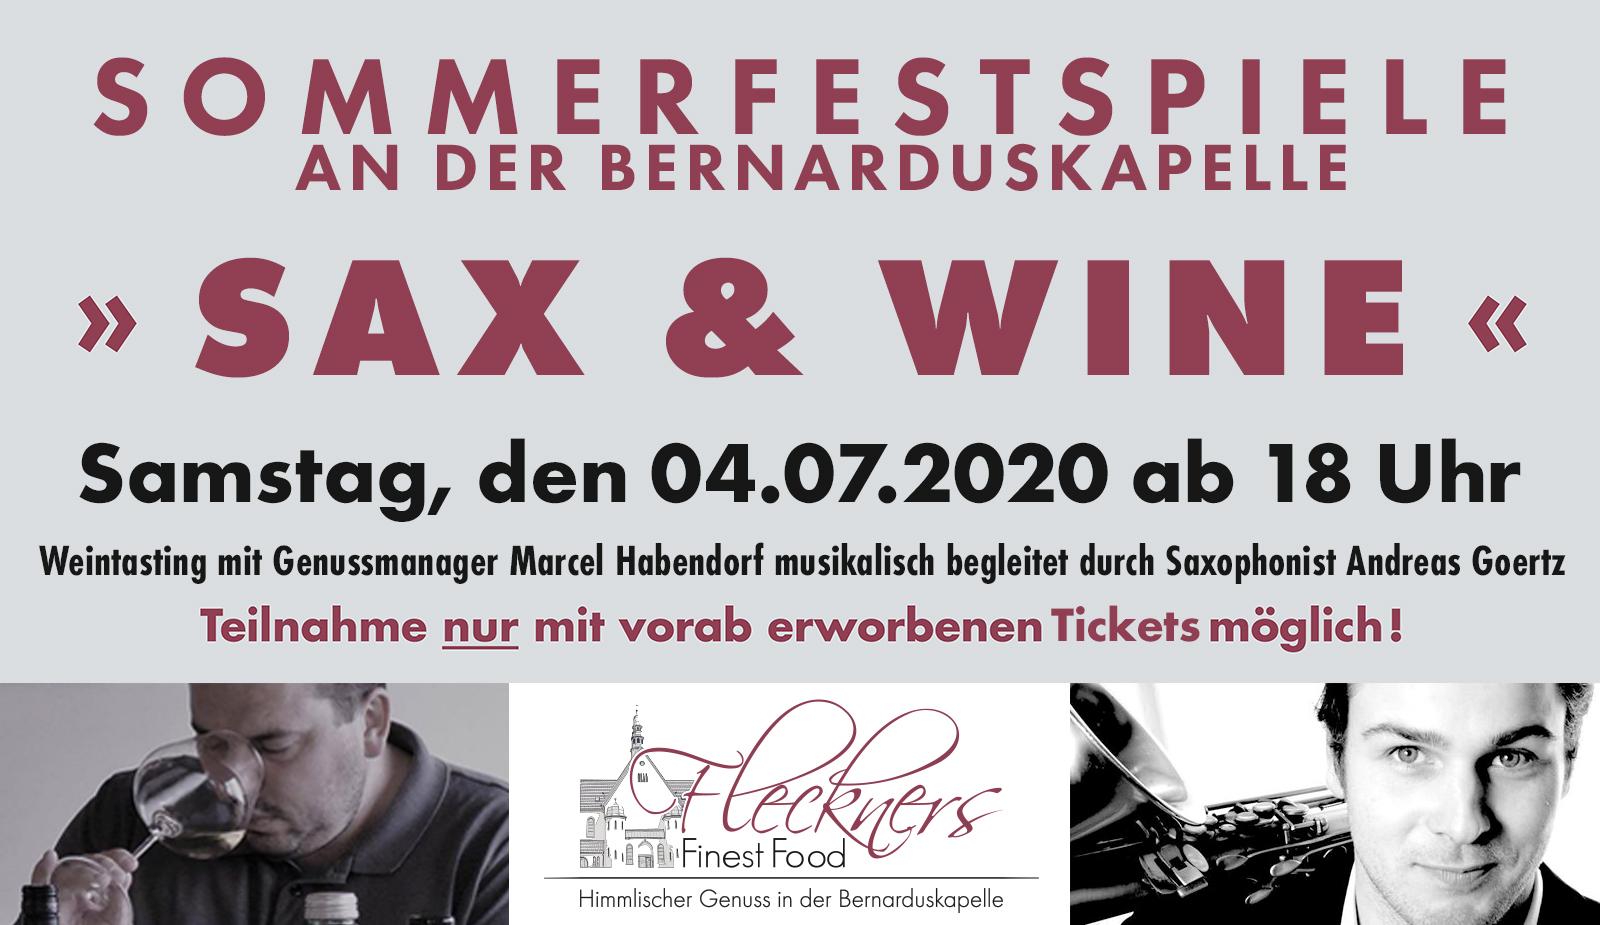 Sommerfestspiele an der Bernarduskapelle - Sax & Wine